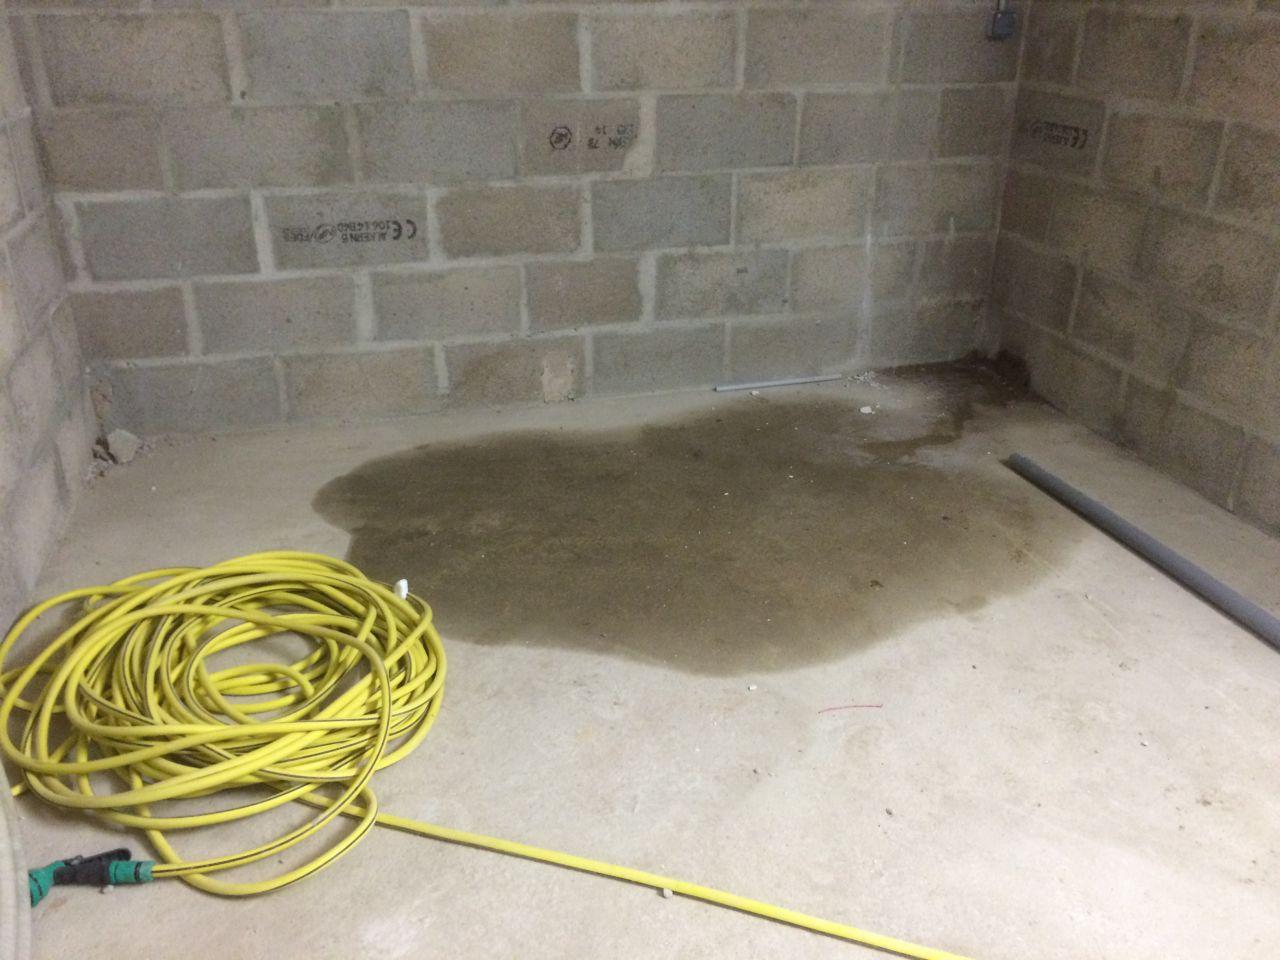 Infiltration dans mon sous sol que faire 42 messages for Infiltration eau garage